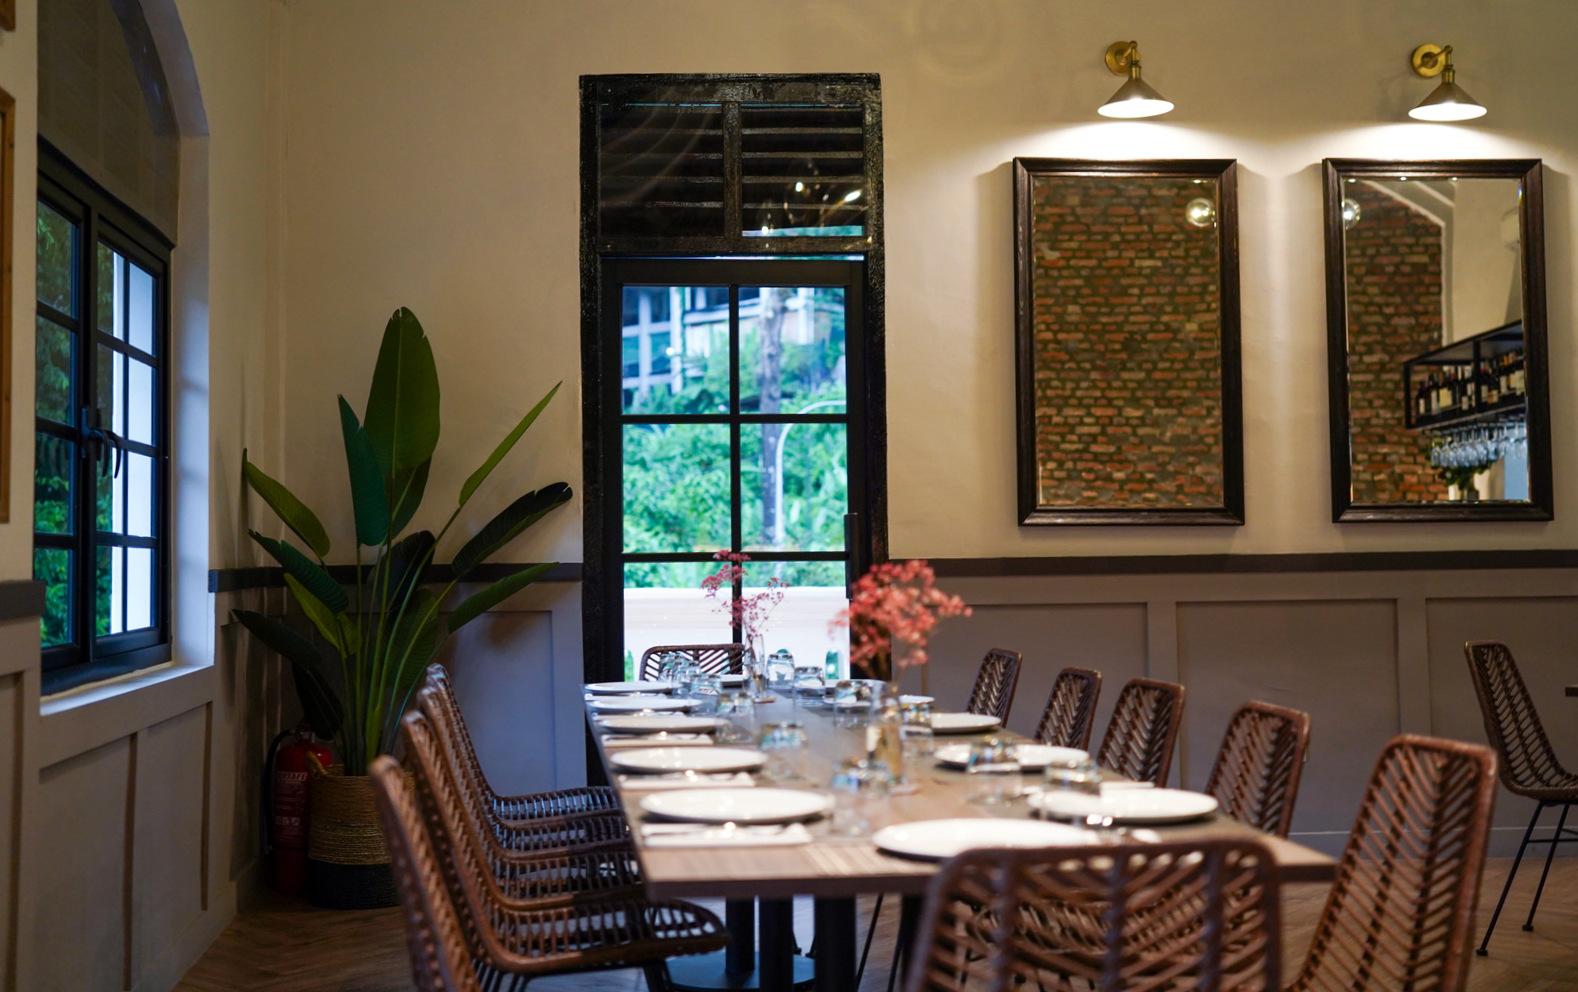 mari ristorante, lorong raja chulan